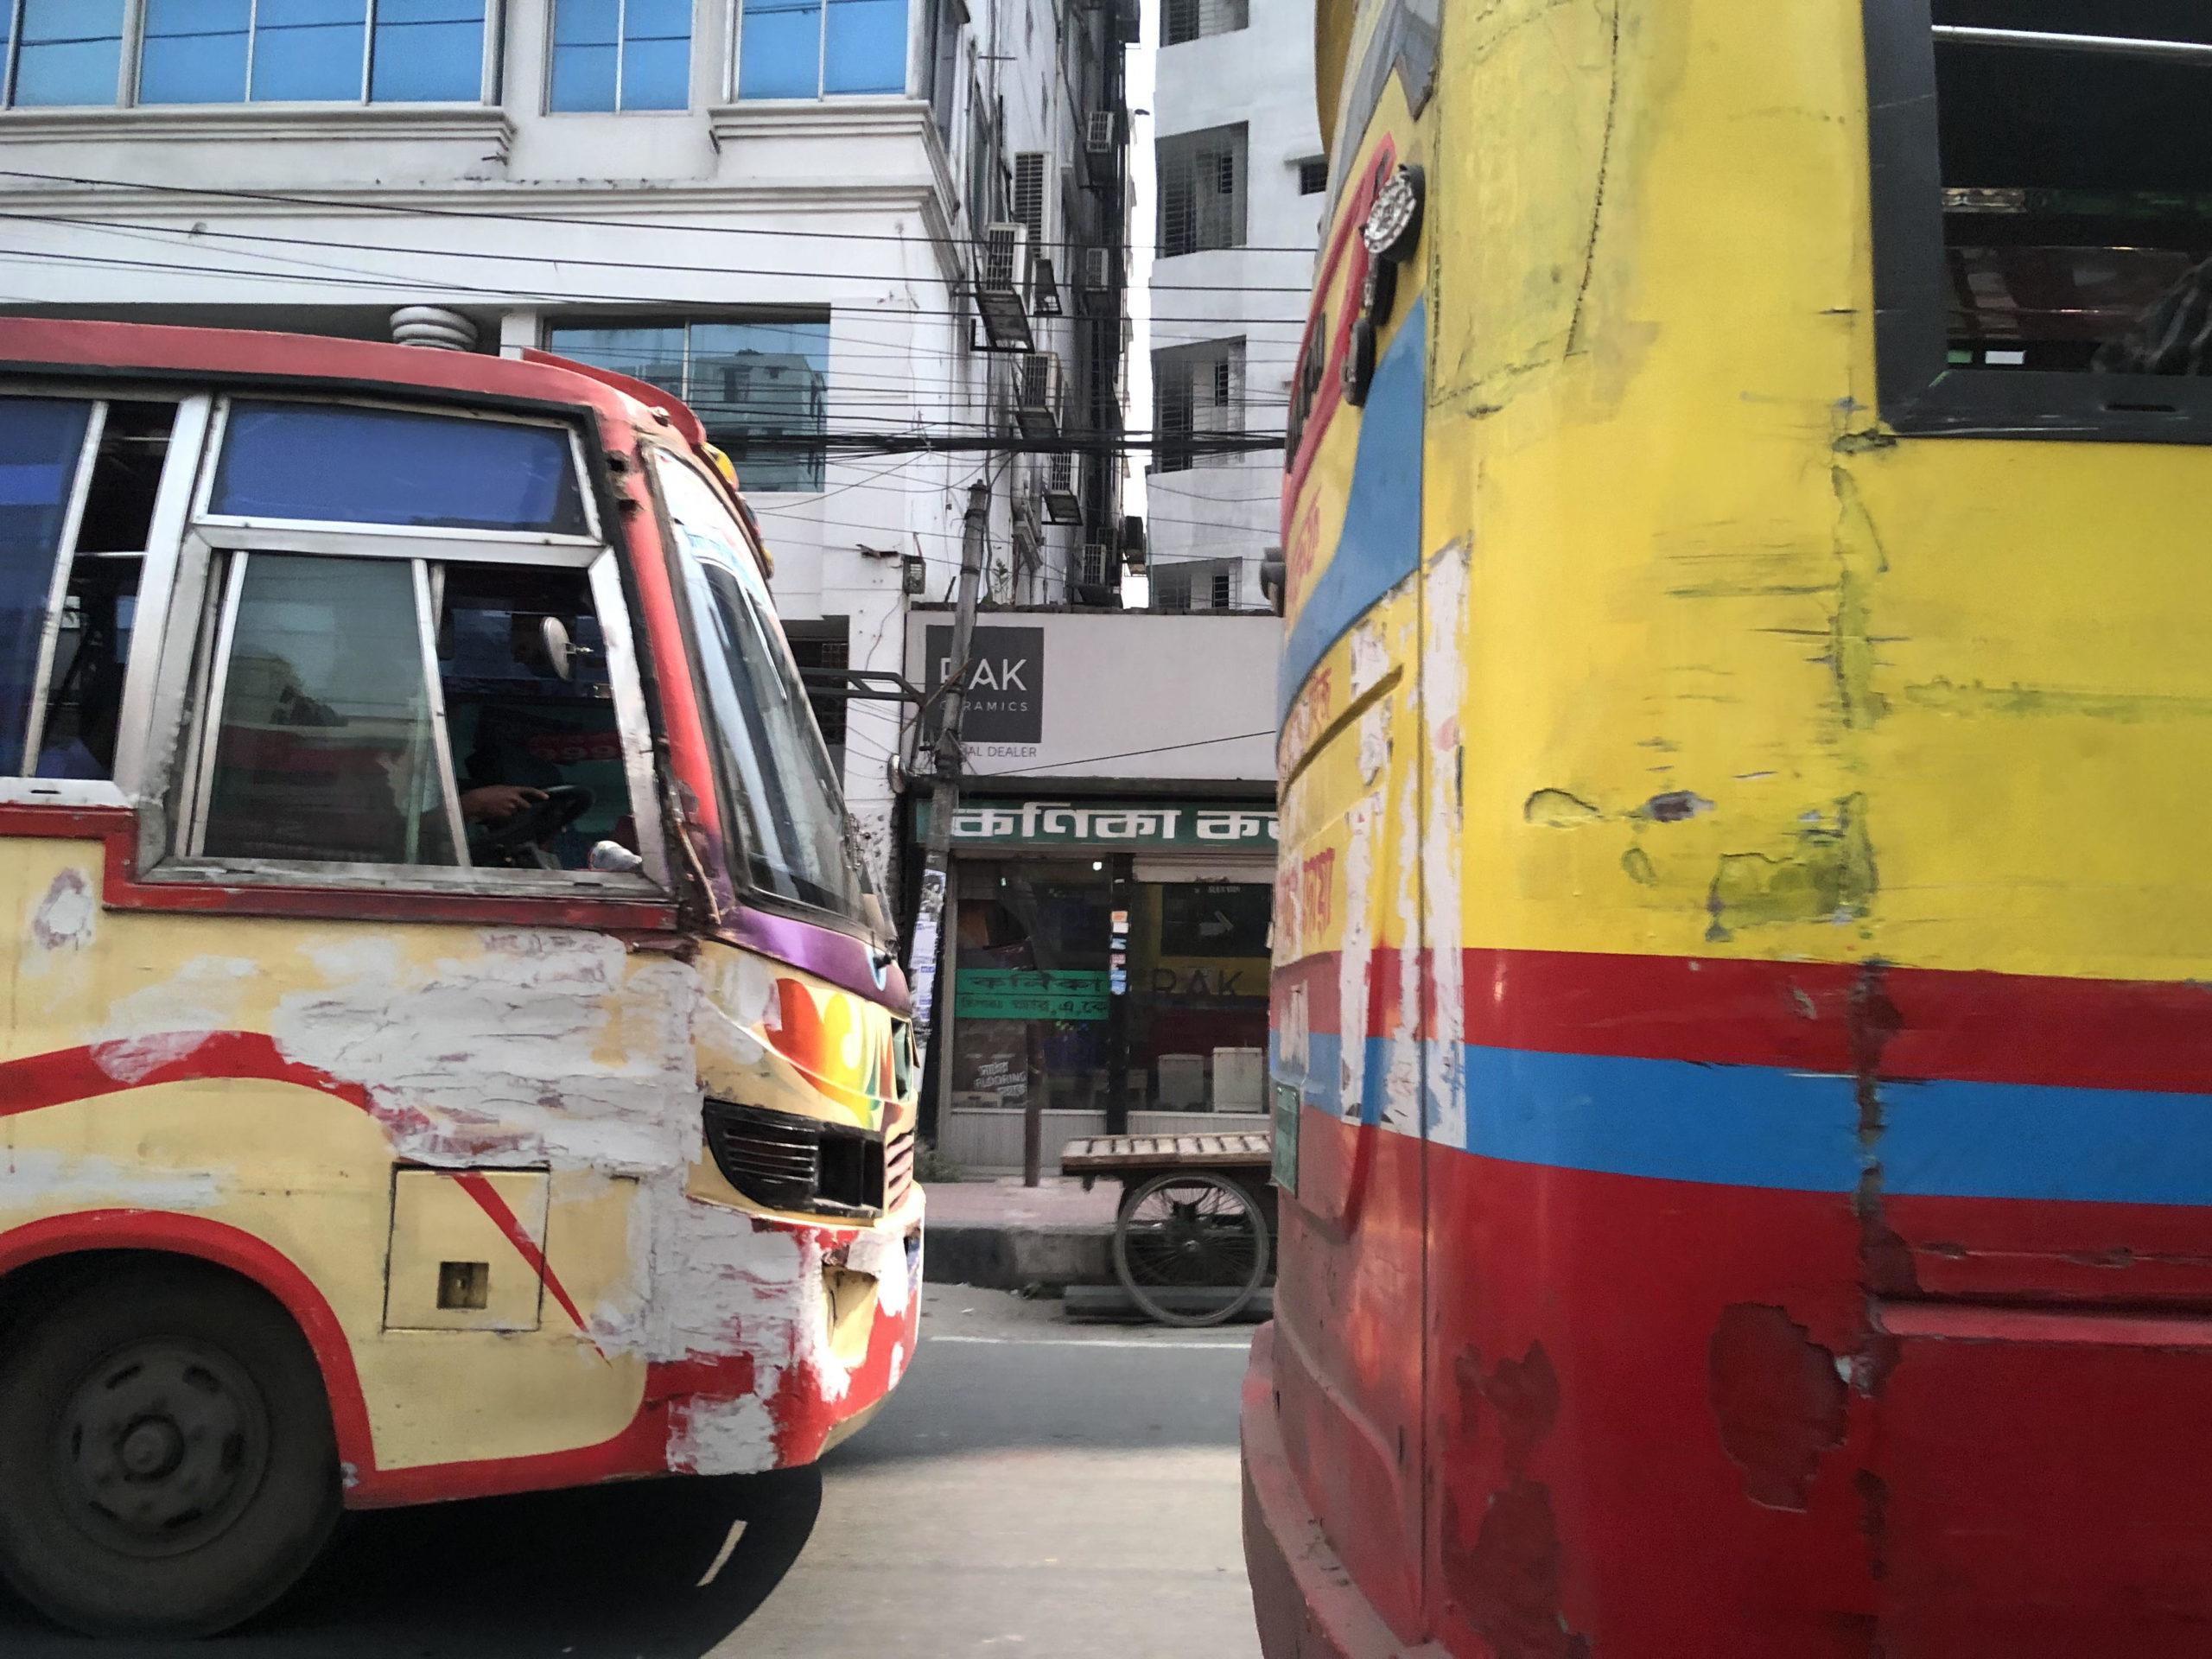 ダッカでよく見かける光景-ボロボロだけど色鮮やかなバス-